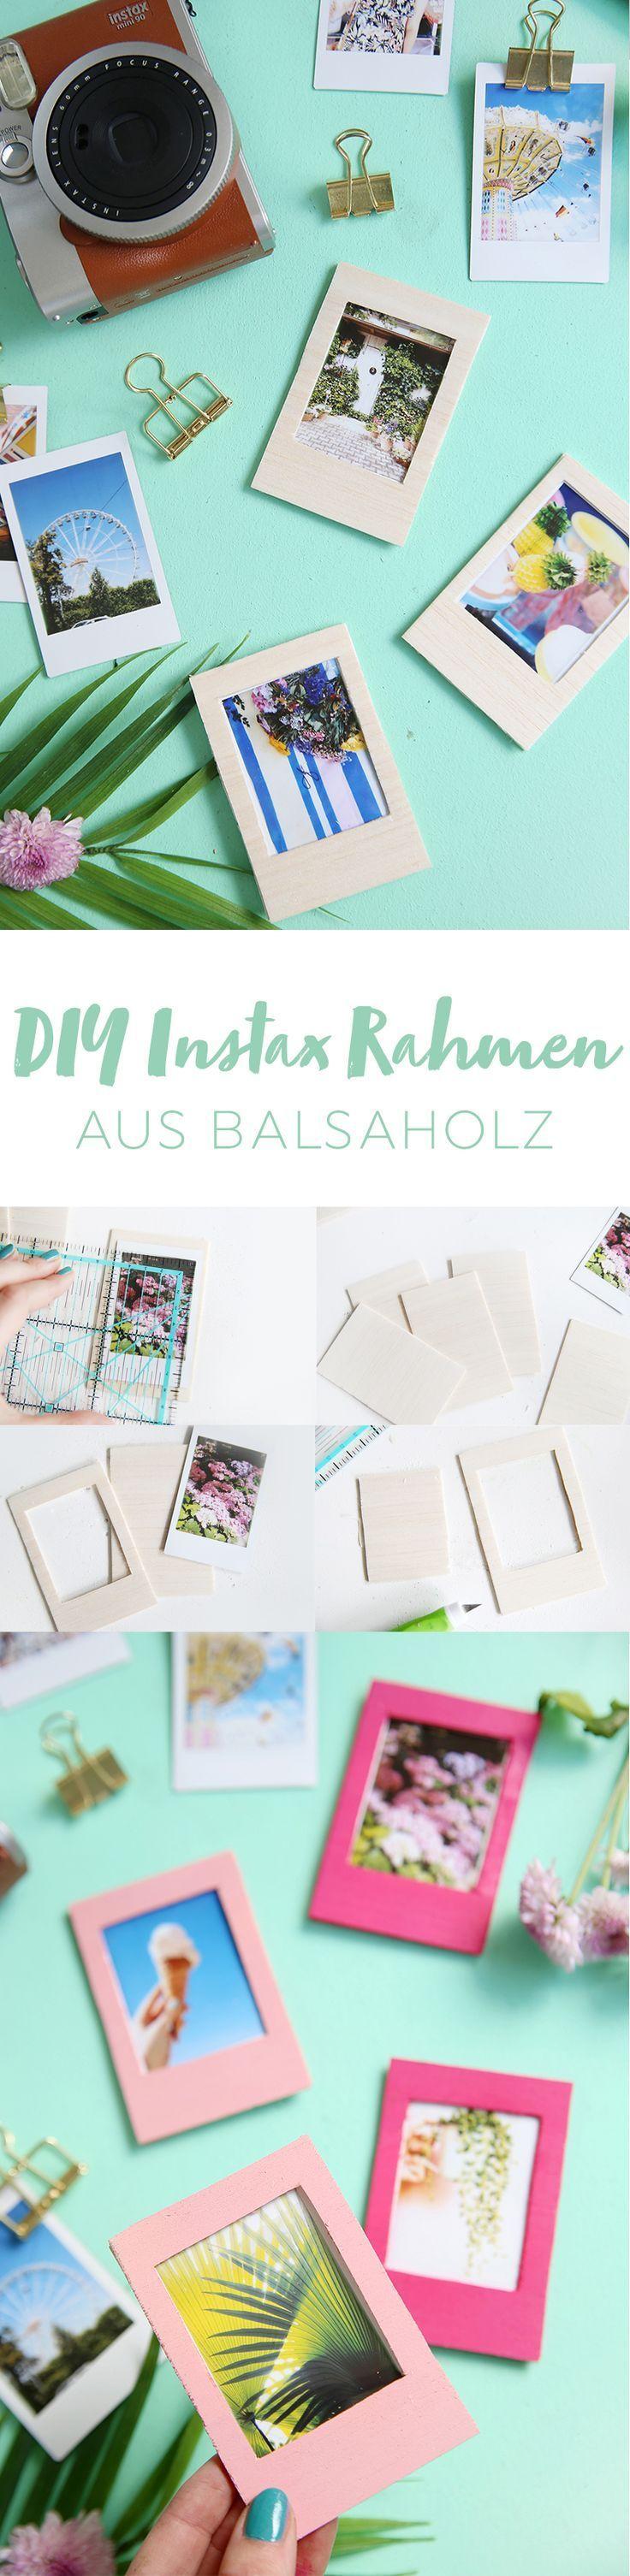 Diy Rahmen Aus Balsaholz F R Instax Bilder